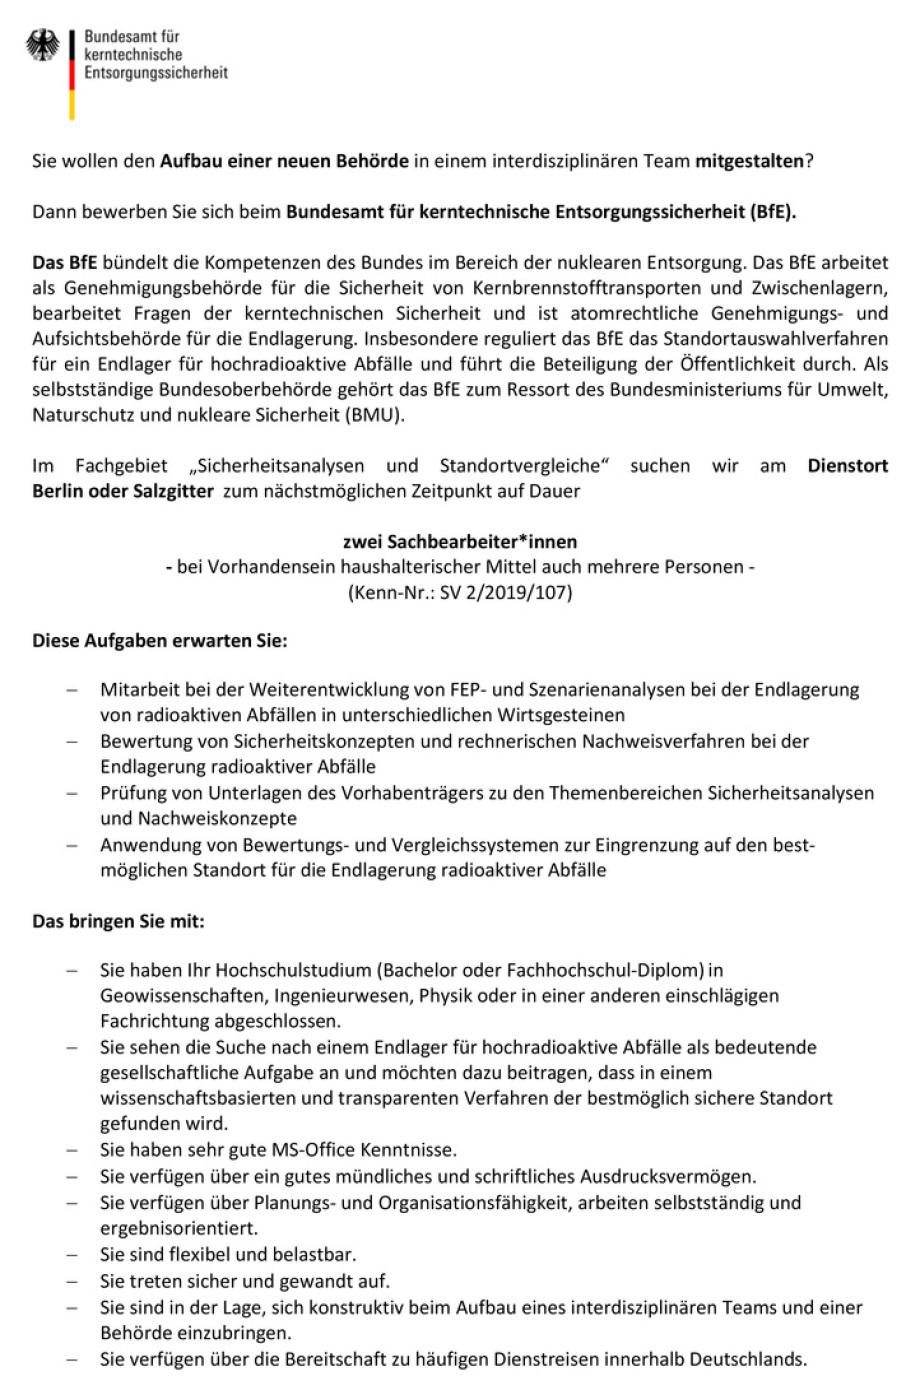 Seite_1_Stellenangebot_2_Mitarbeiter_fuer_Sicherheitsanalysen-und-Standortvergleiche_2019-107-sb-sv2-1